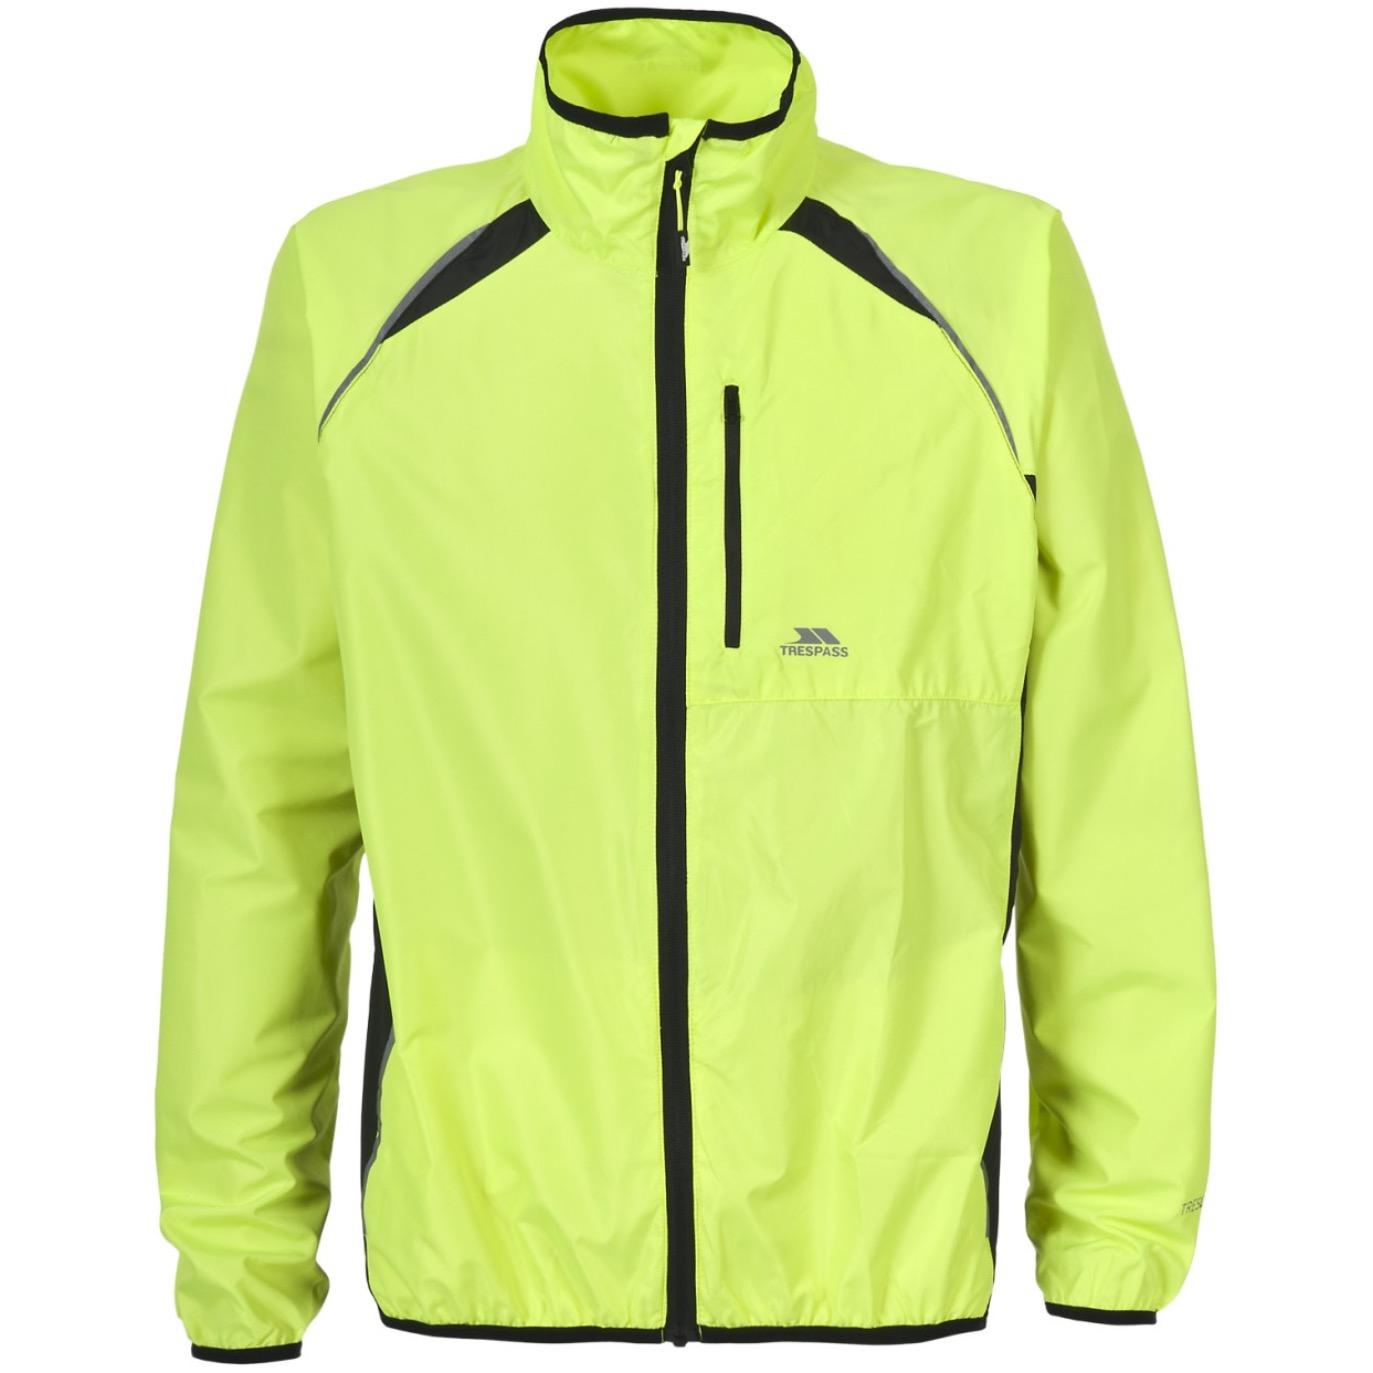 Trespass Windbloc Men's Hi-Vis Running Jacket £7.59 With Code - Free C&C